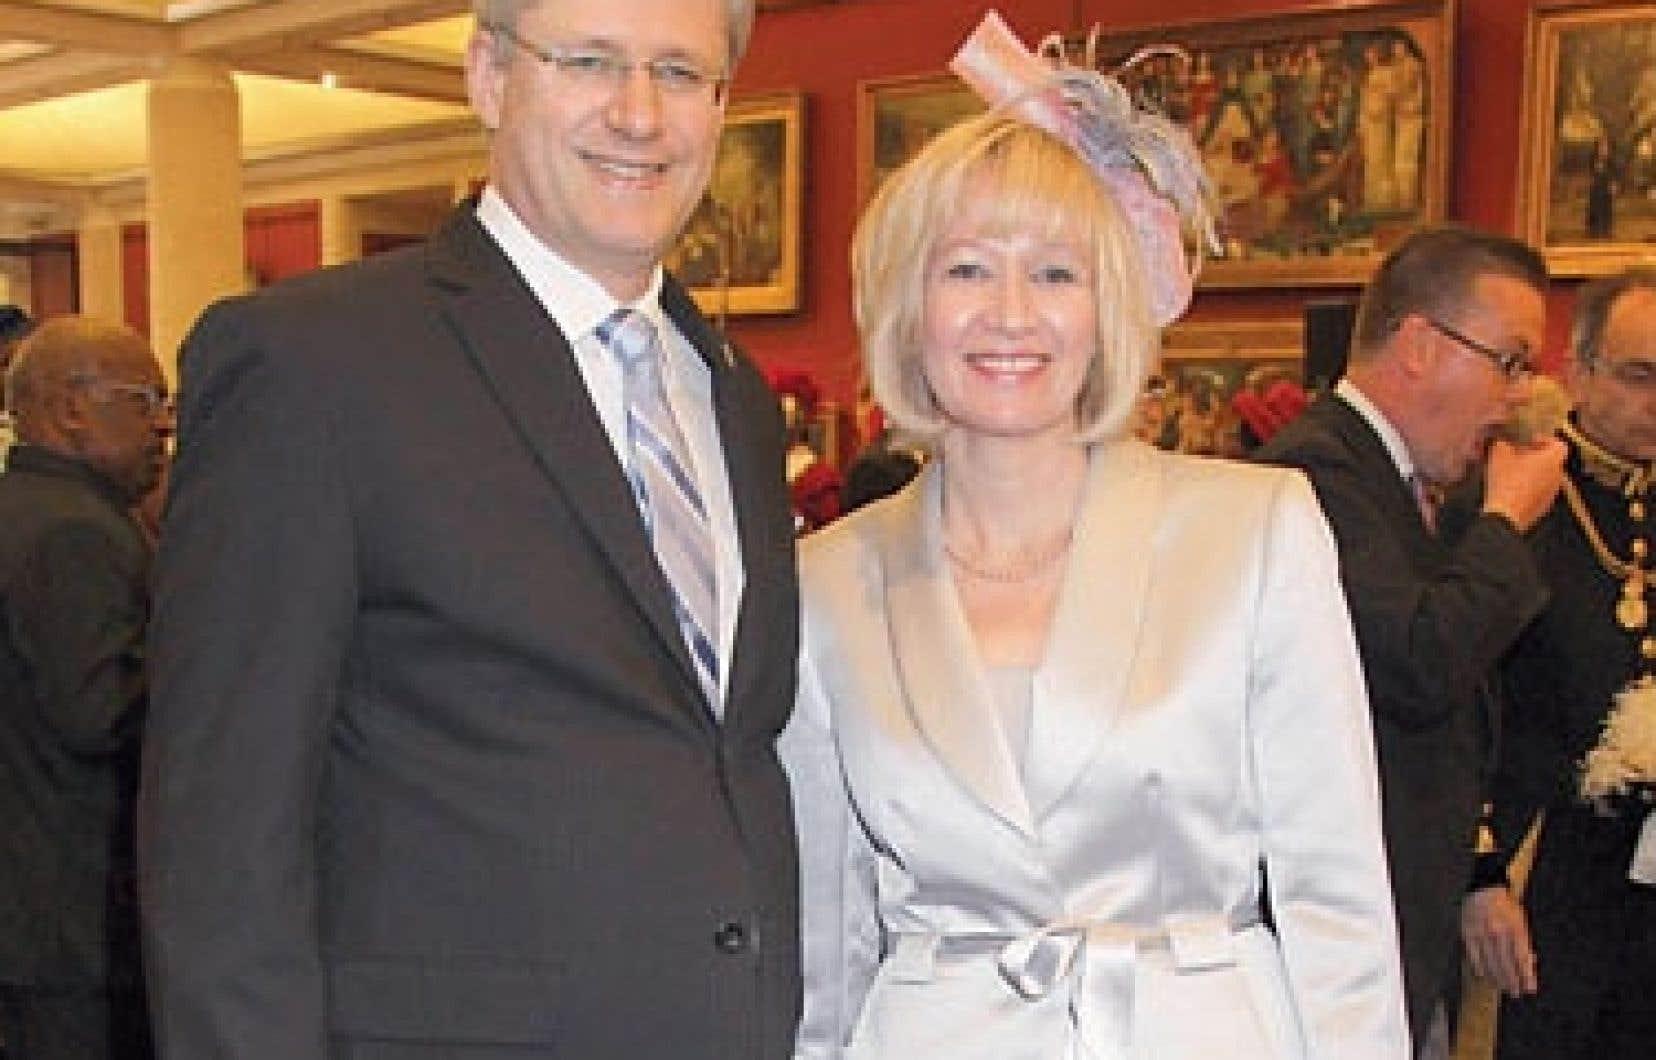 L'épouse de Stephen Harper, Laureen, est active dans le milieu de la protection des animaux.